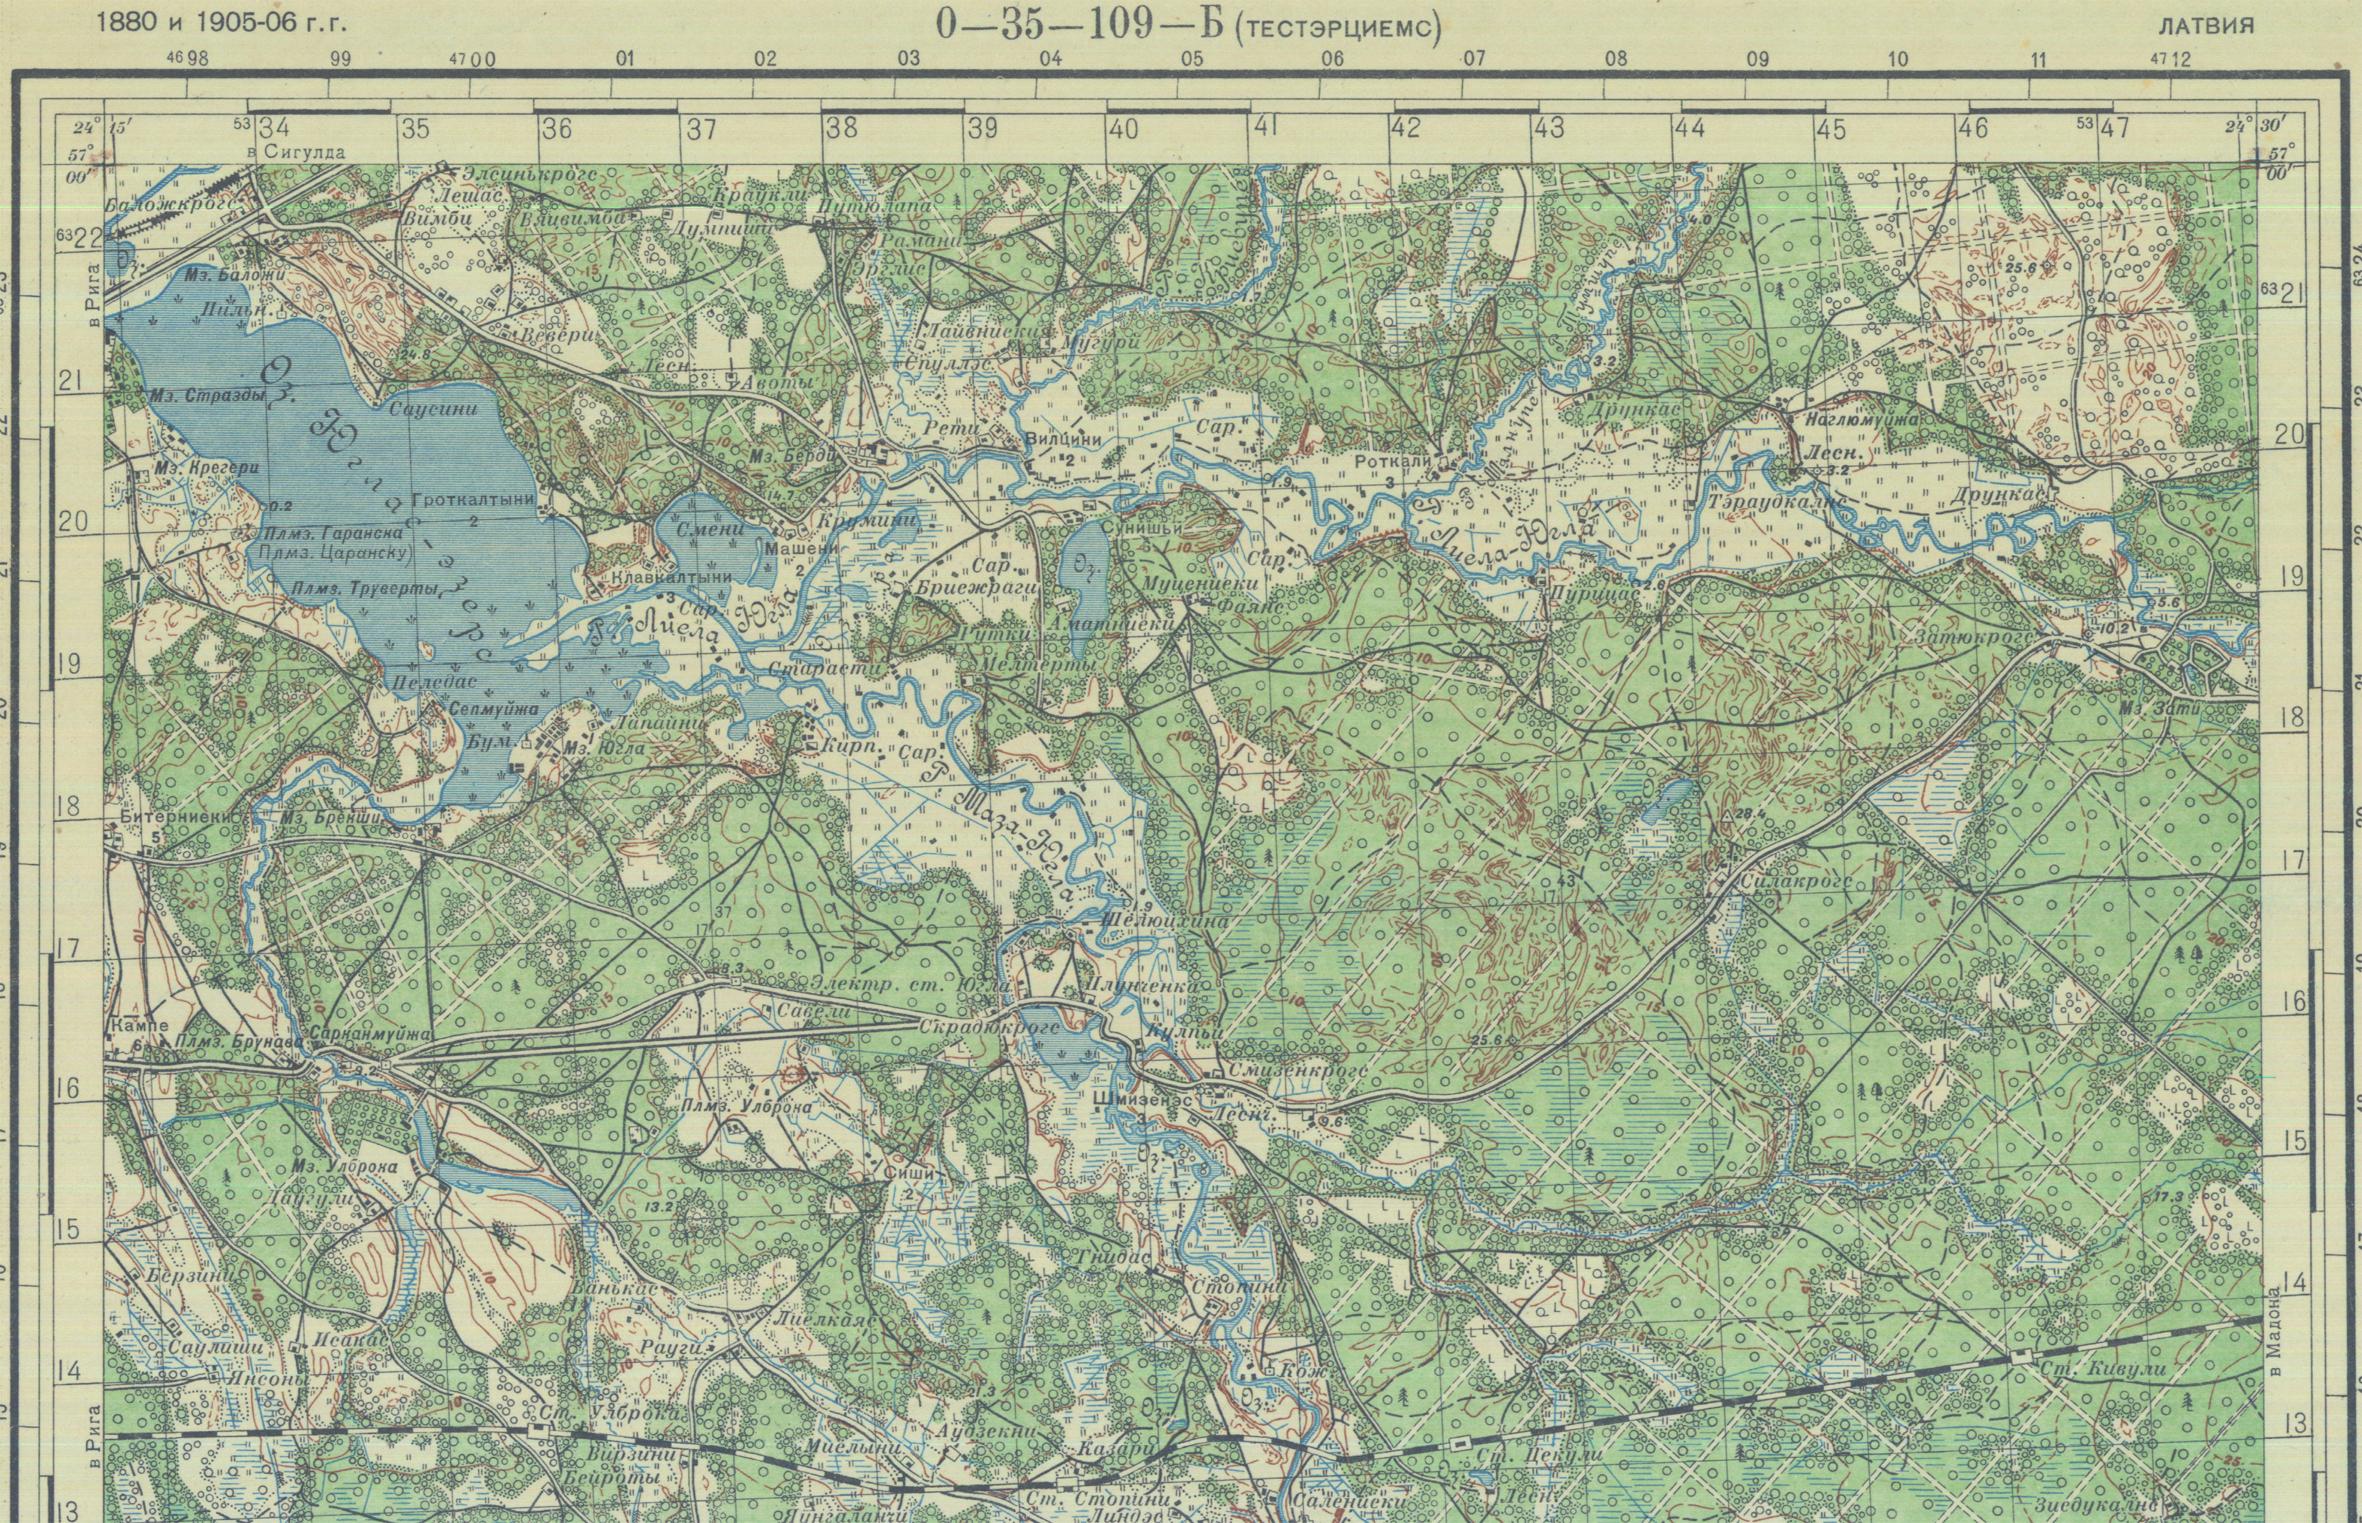 Silakrogs un apkārtne topogrāfiskā karte